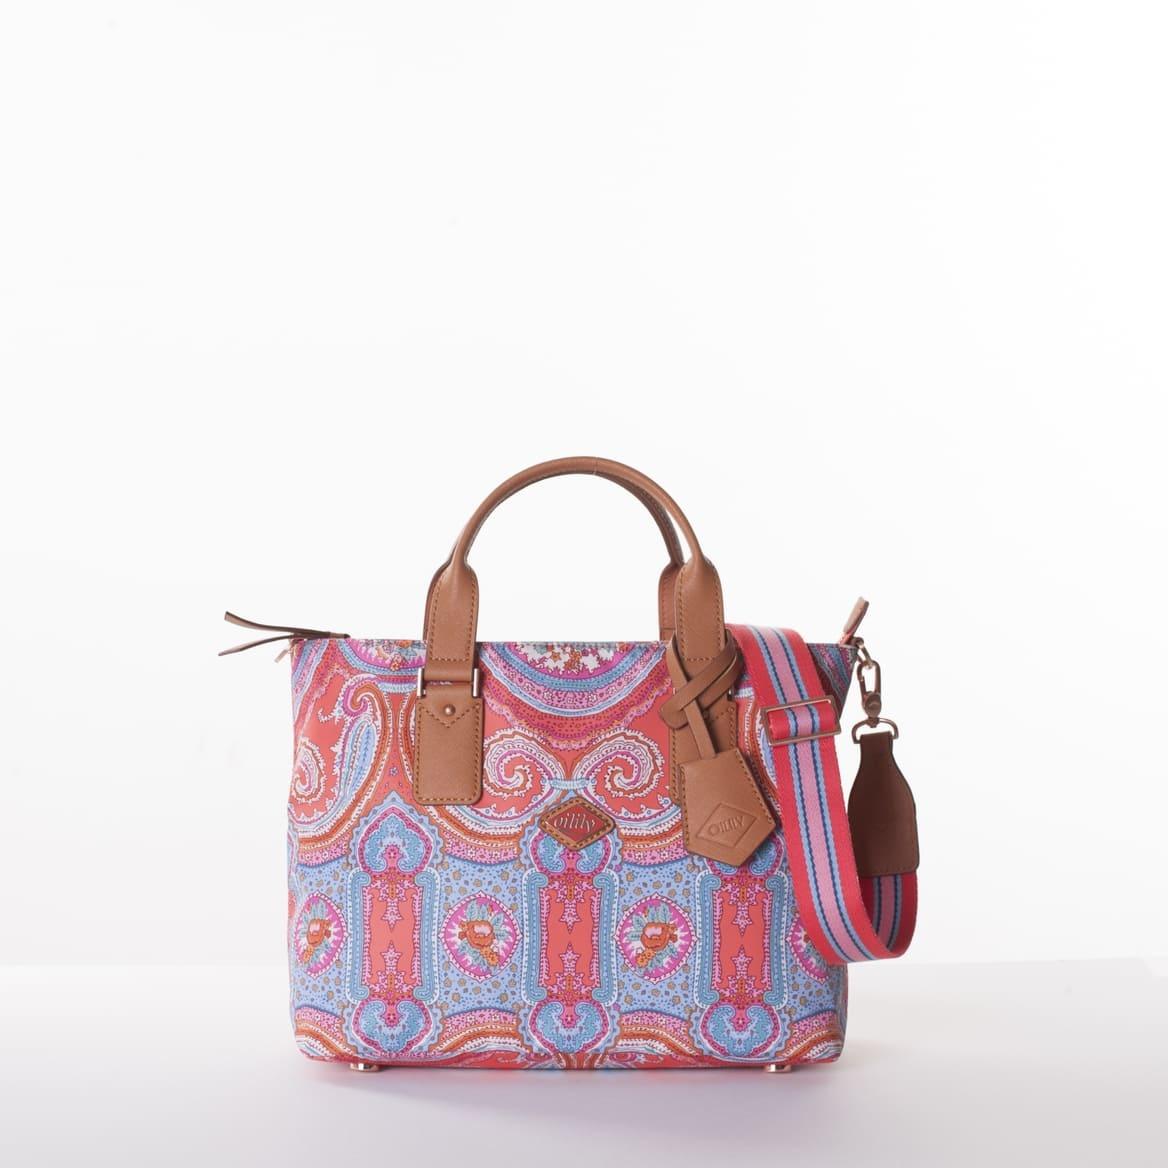 Oilily City Rose Paisley Handbag Hot Coral